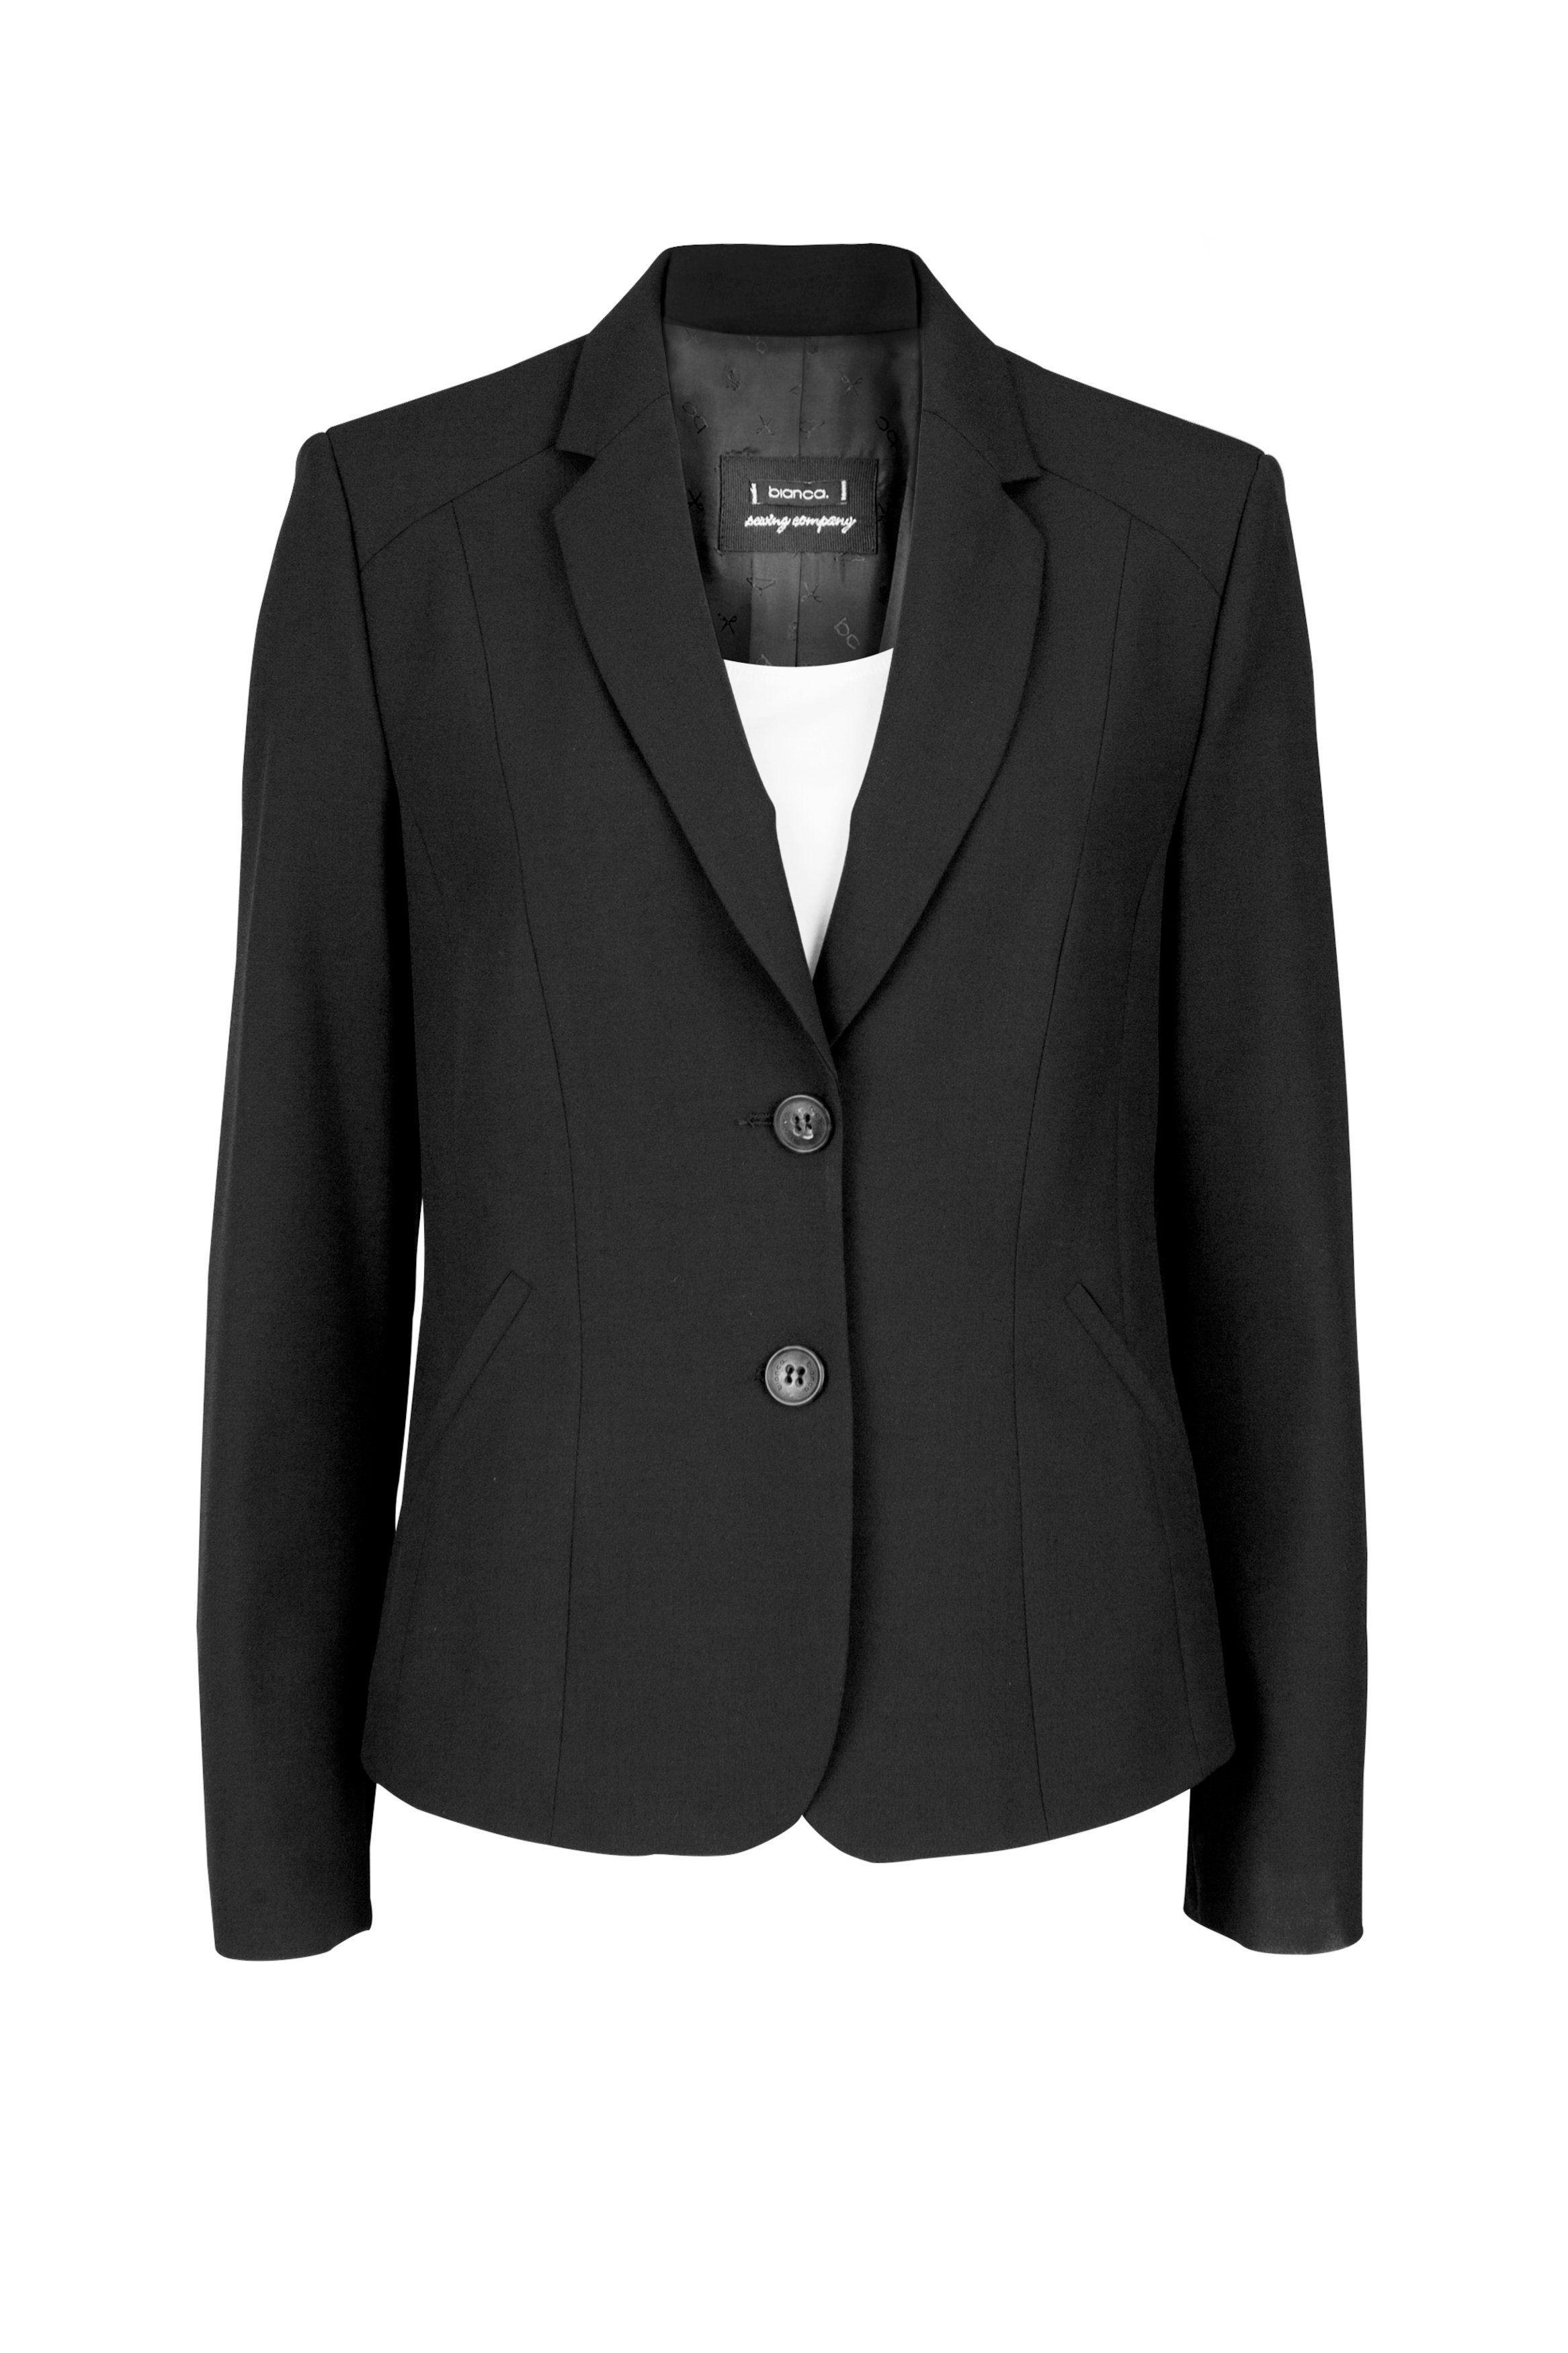 Astounding Business Mode Damen Das Beste Von Bianca Jackenblazer »miranda« Femininer Blazer Jetzt Bestellen